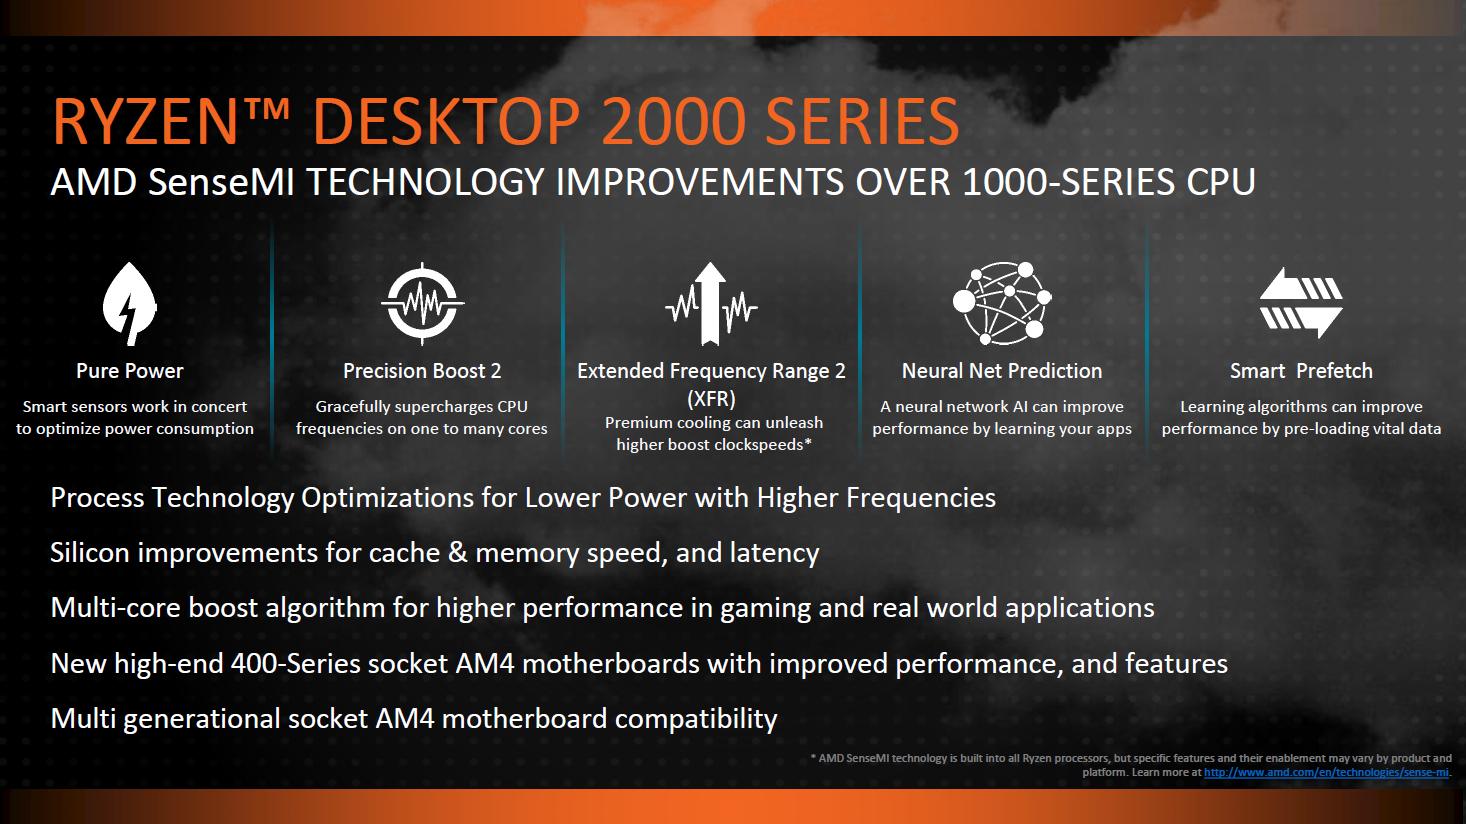 Pinnacle Ridge: Ryzen 2000 und Zen 2/3 erklärt - Zen+ umfasst kleinere Architekturverbesserungen. (Bild: AMD)